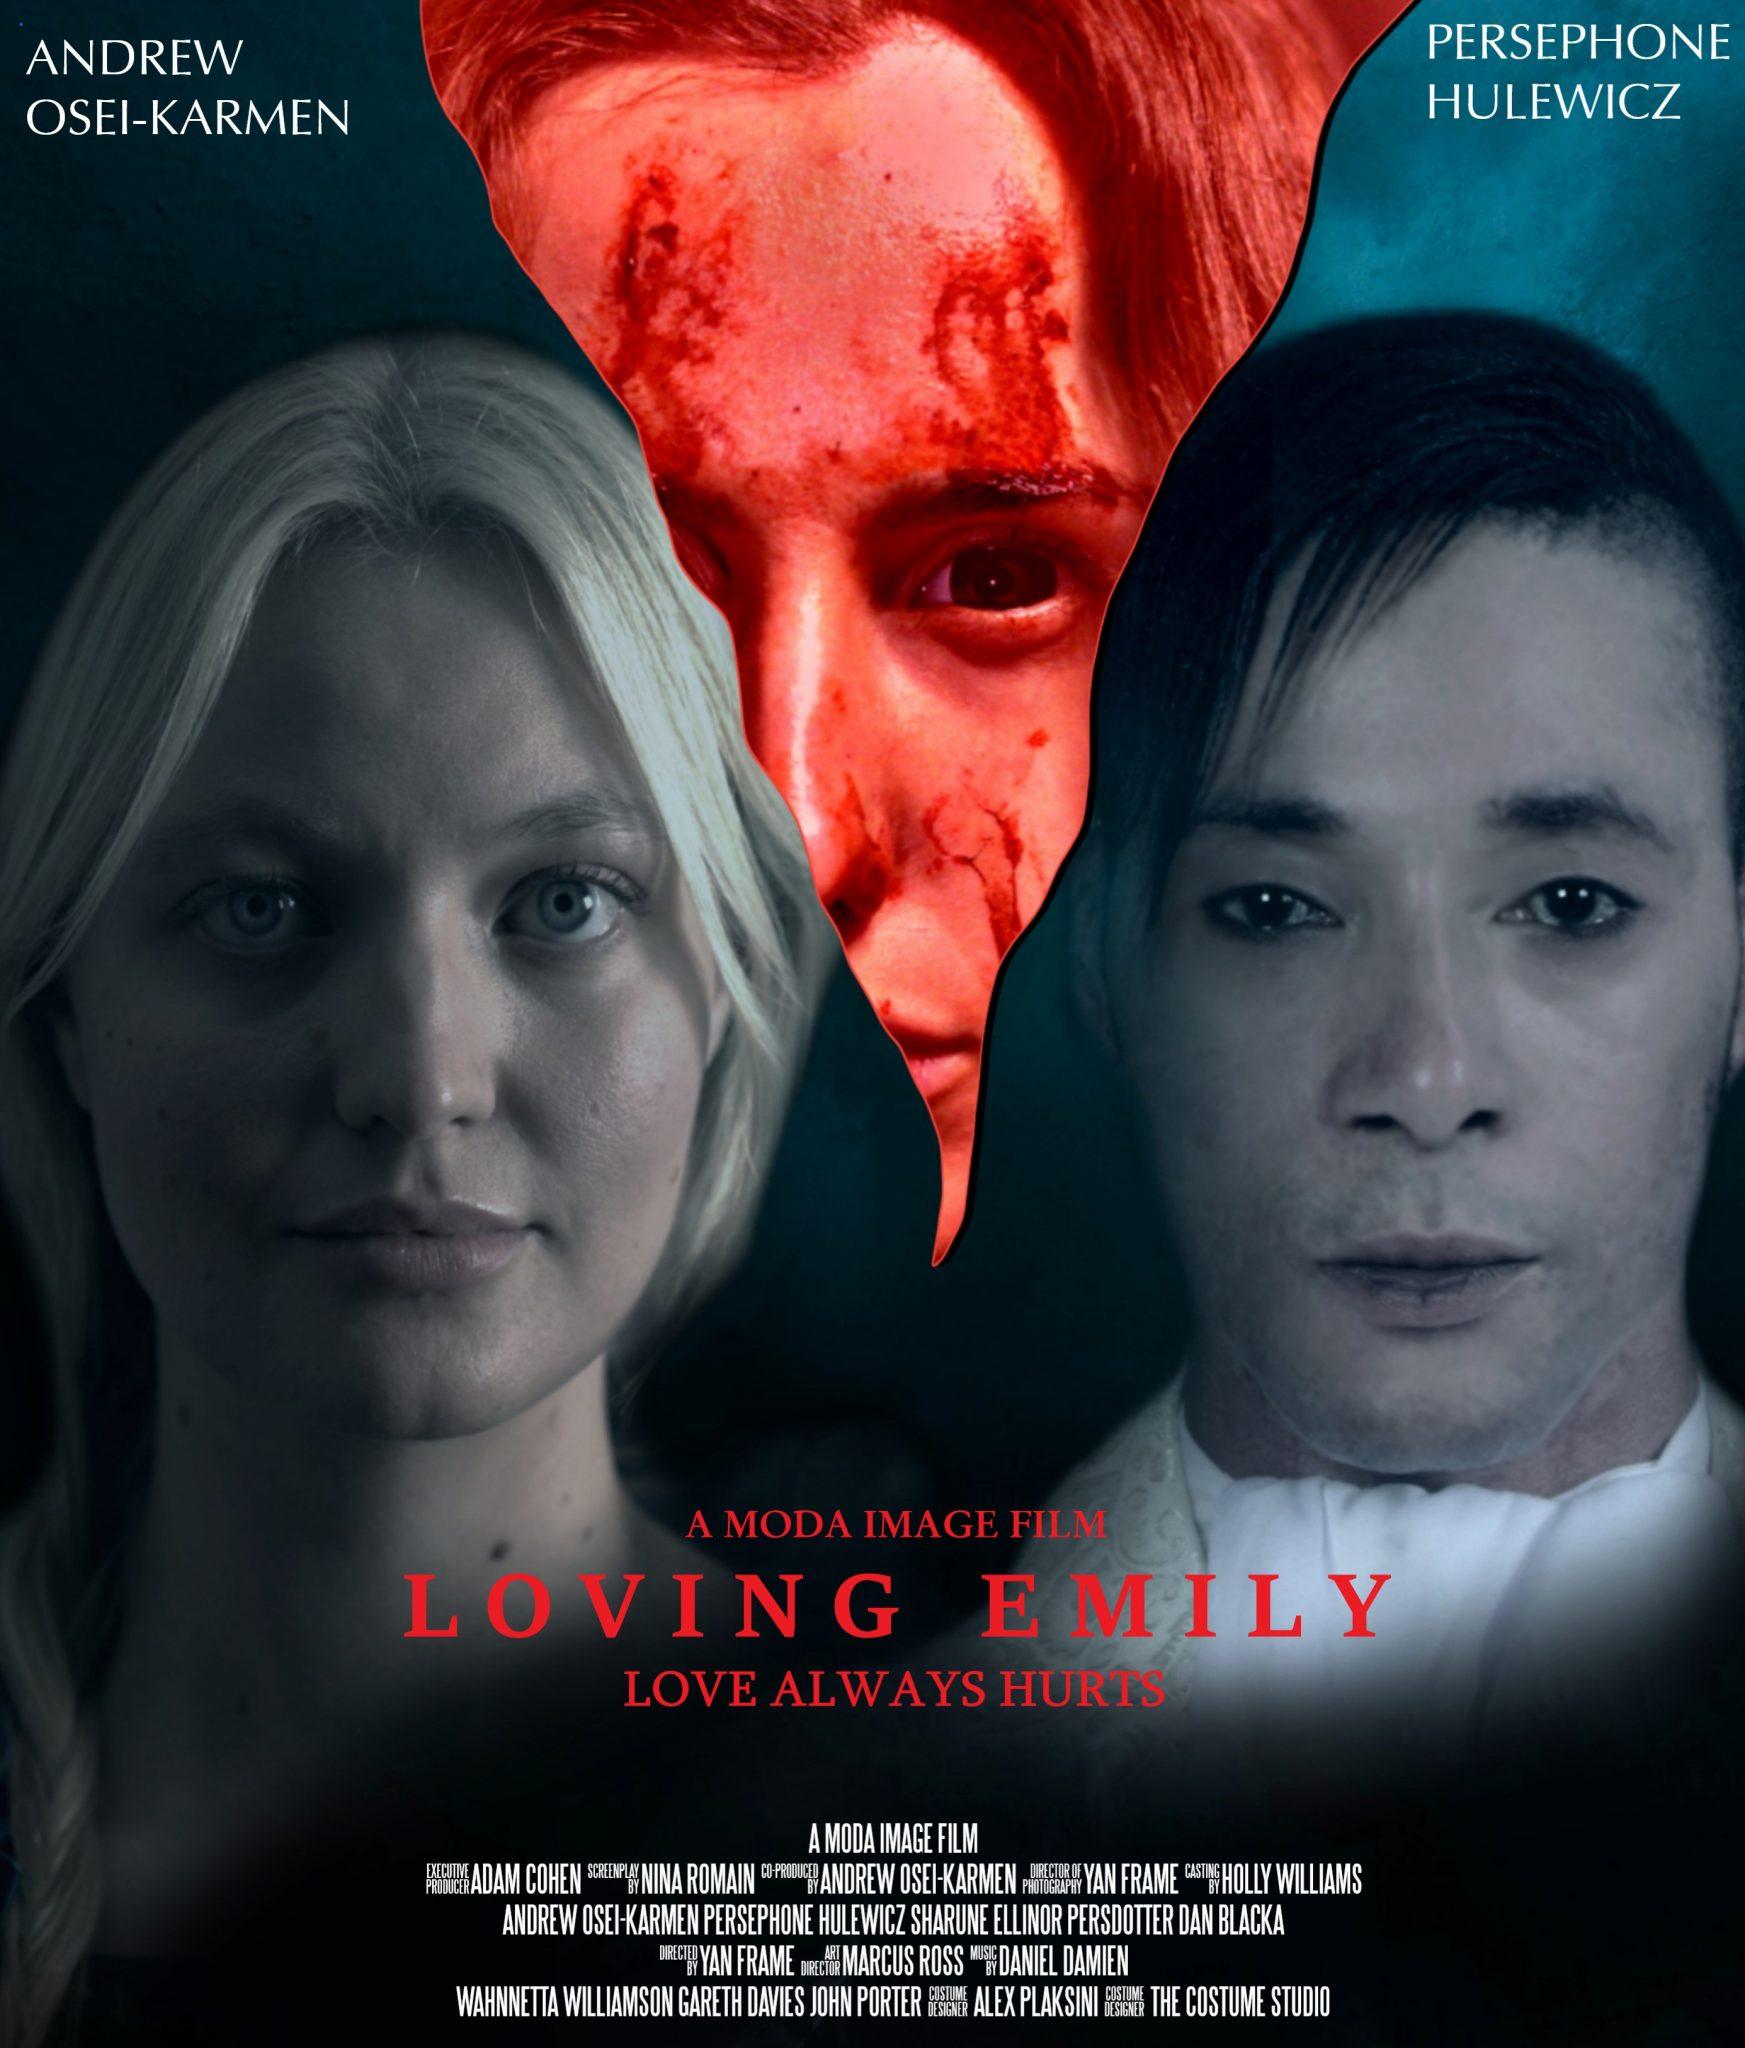 Loving Emily Film